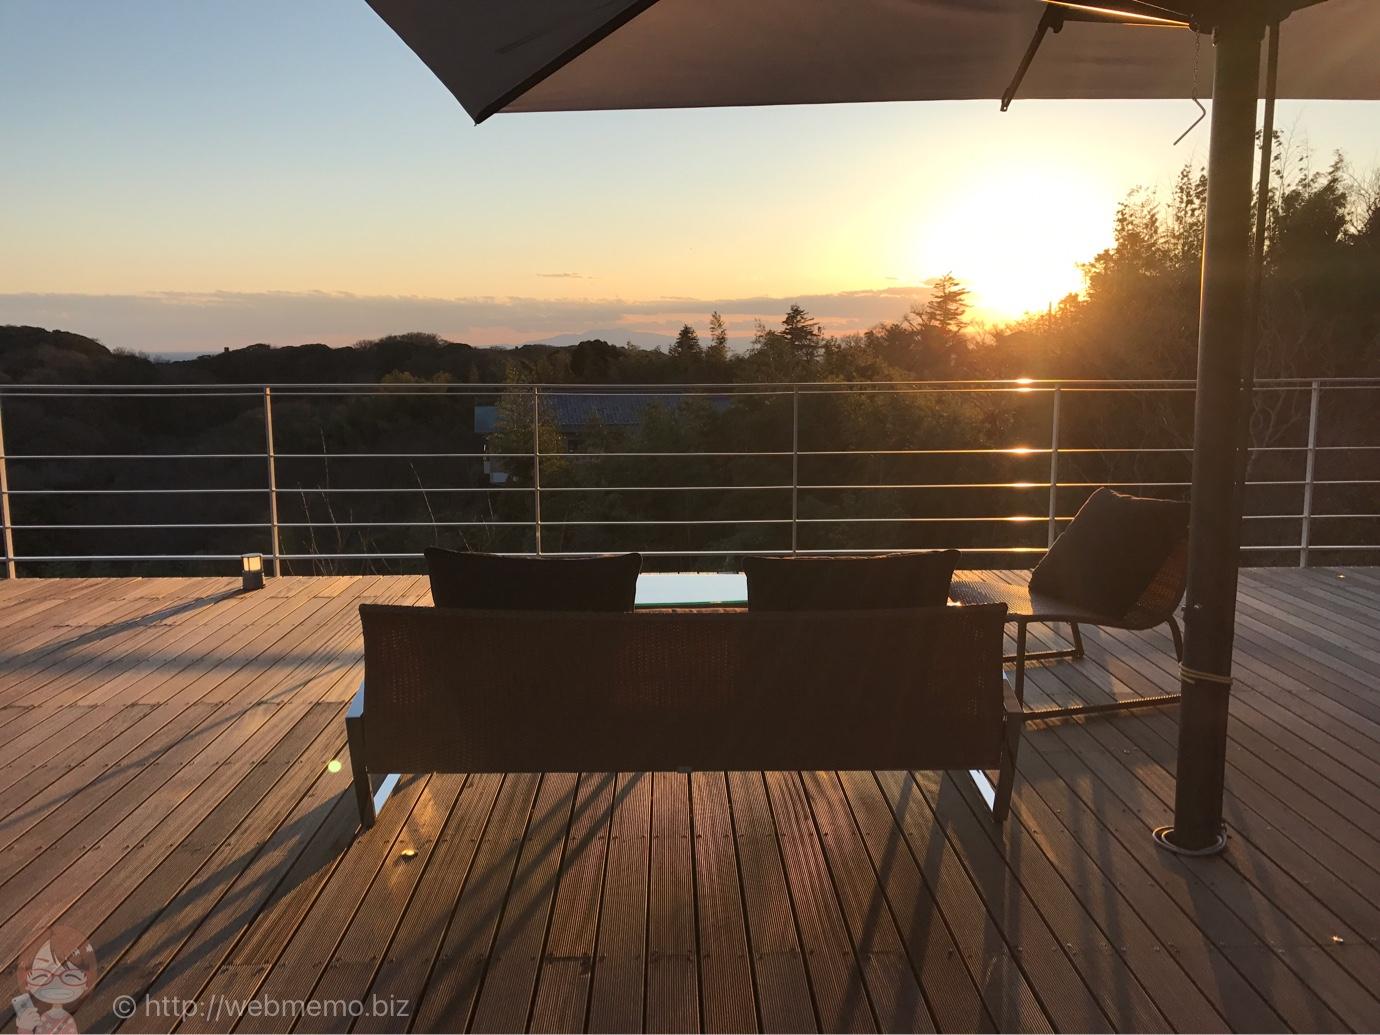 ル・ミリュウ 屋上テラスから見た夕陽